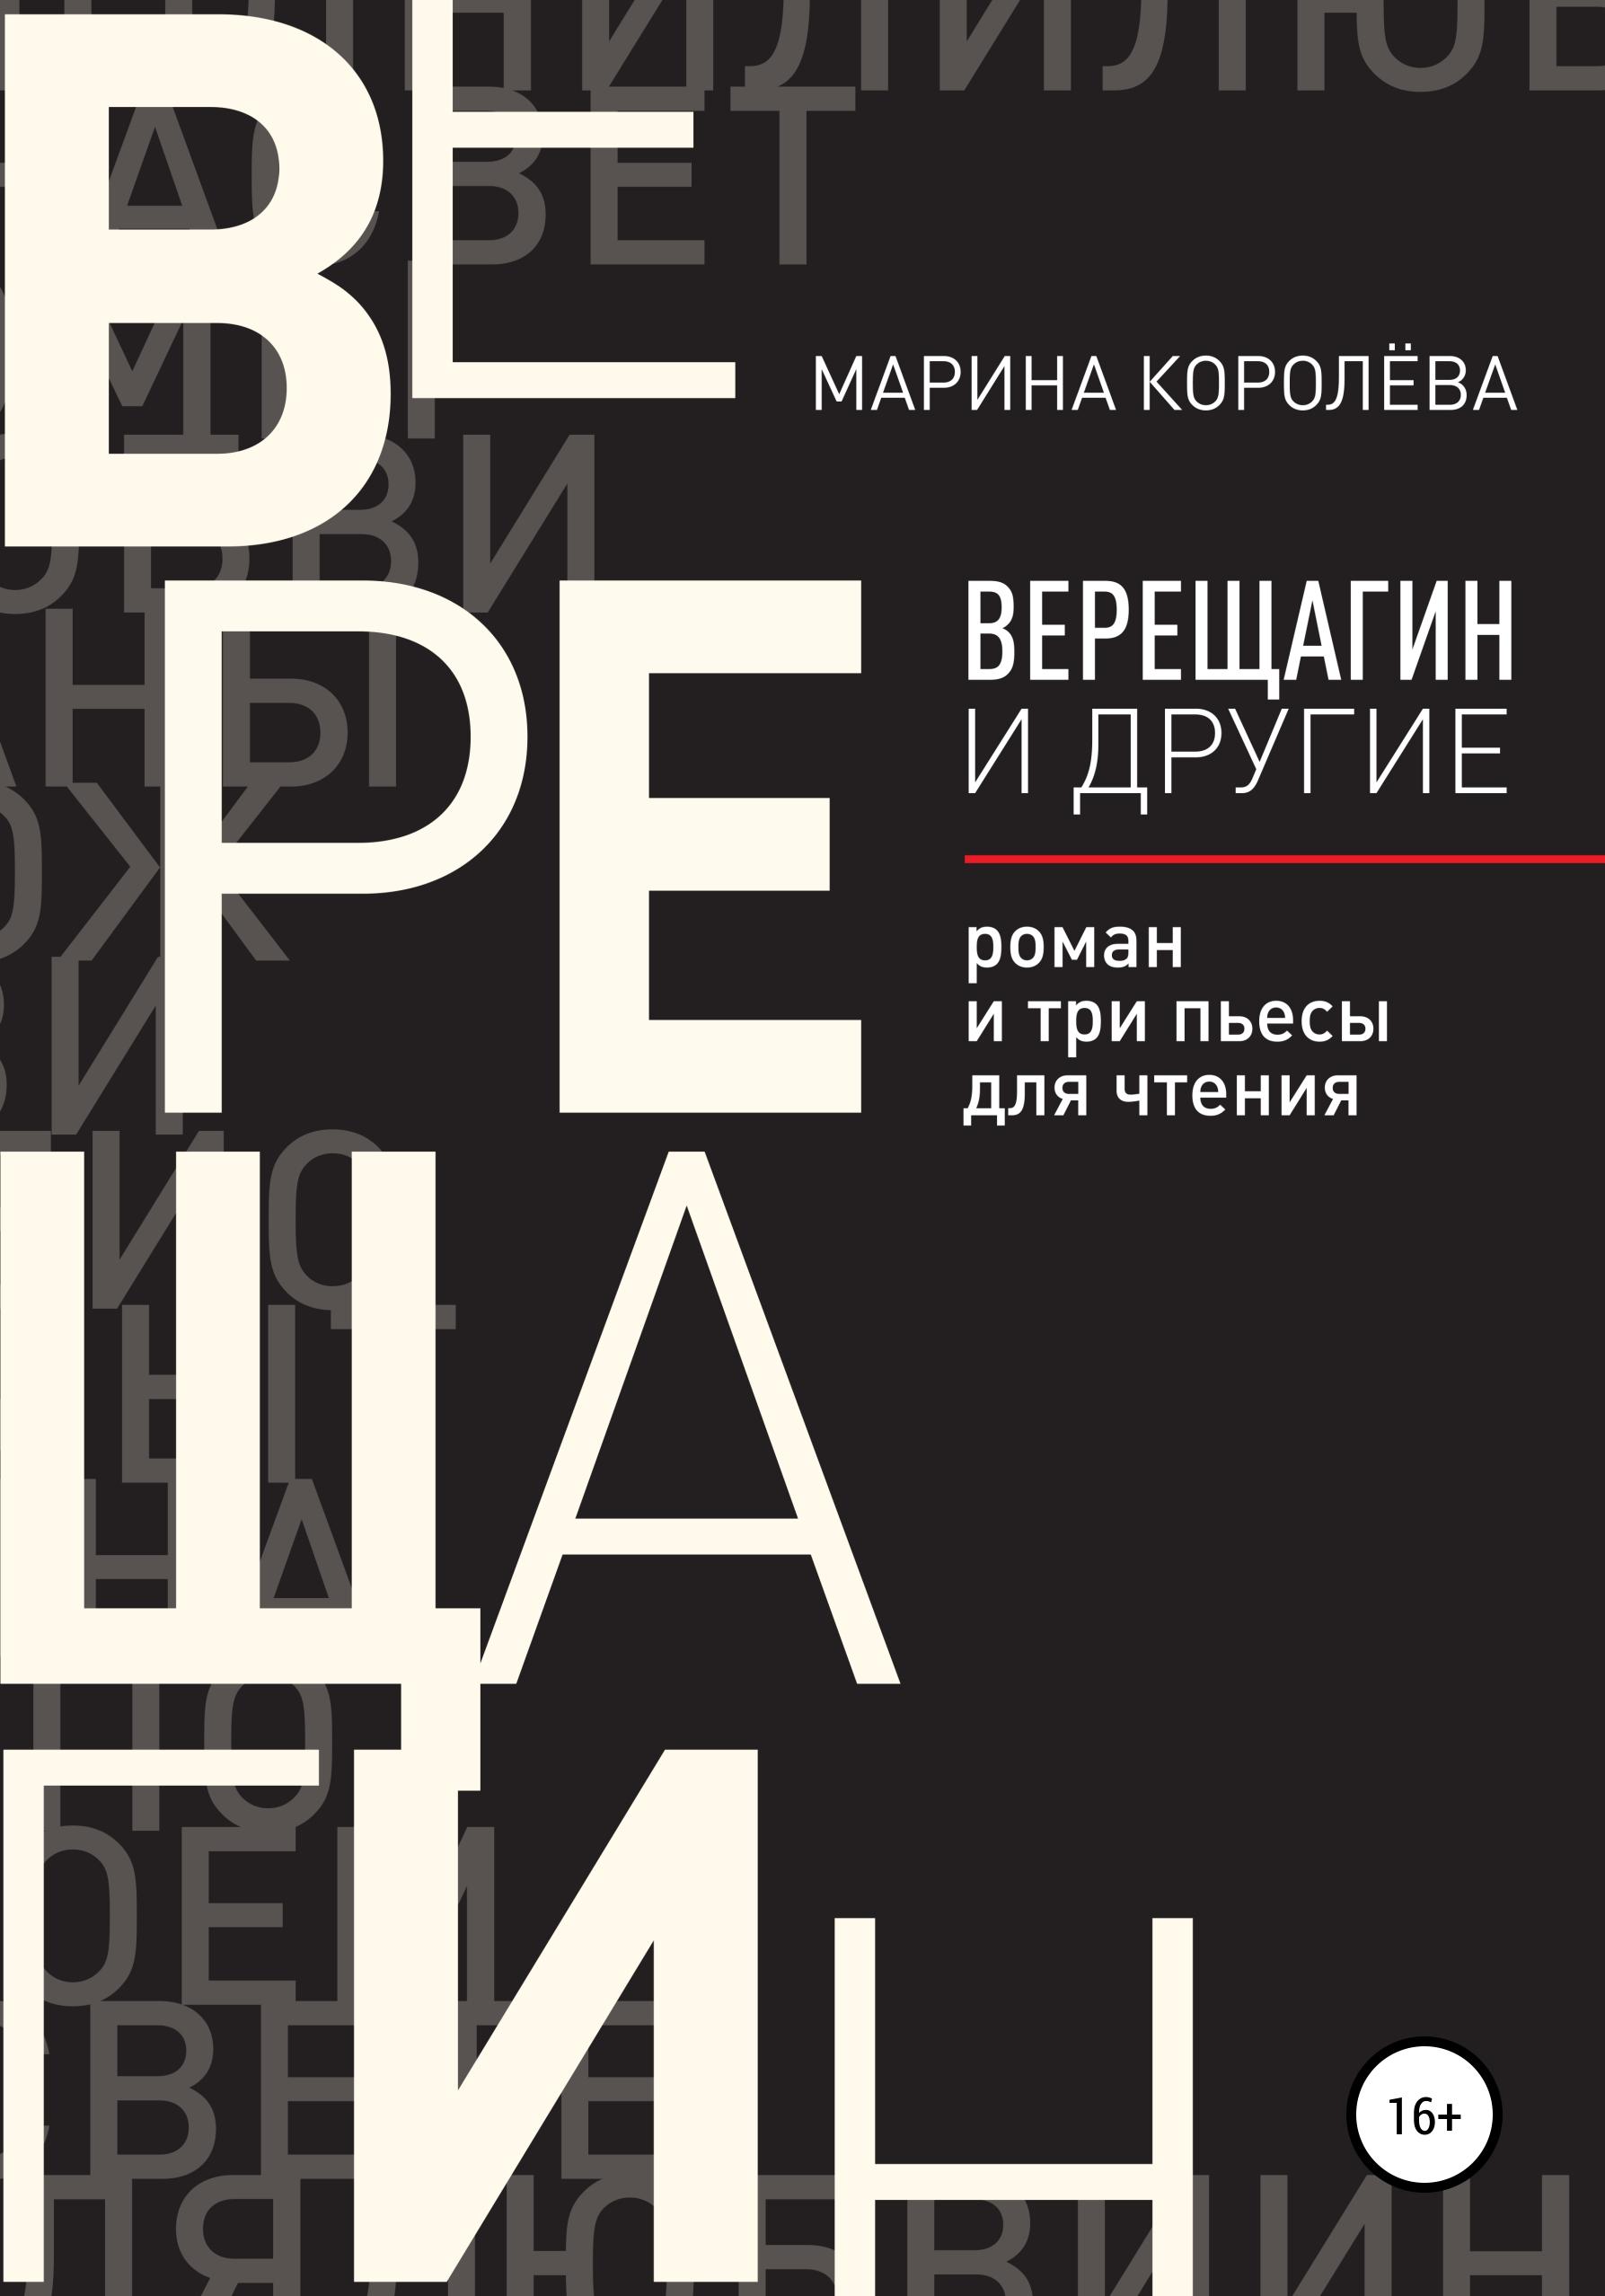 Марина Королёва - Верещагин и другие. Роман и три пьесы для чтения